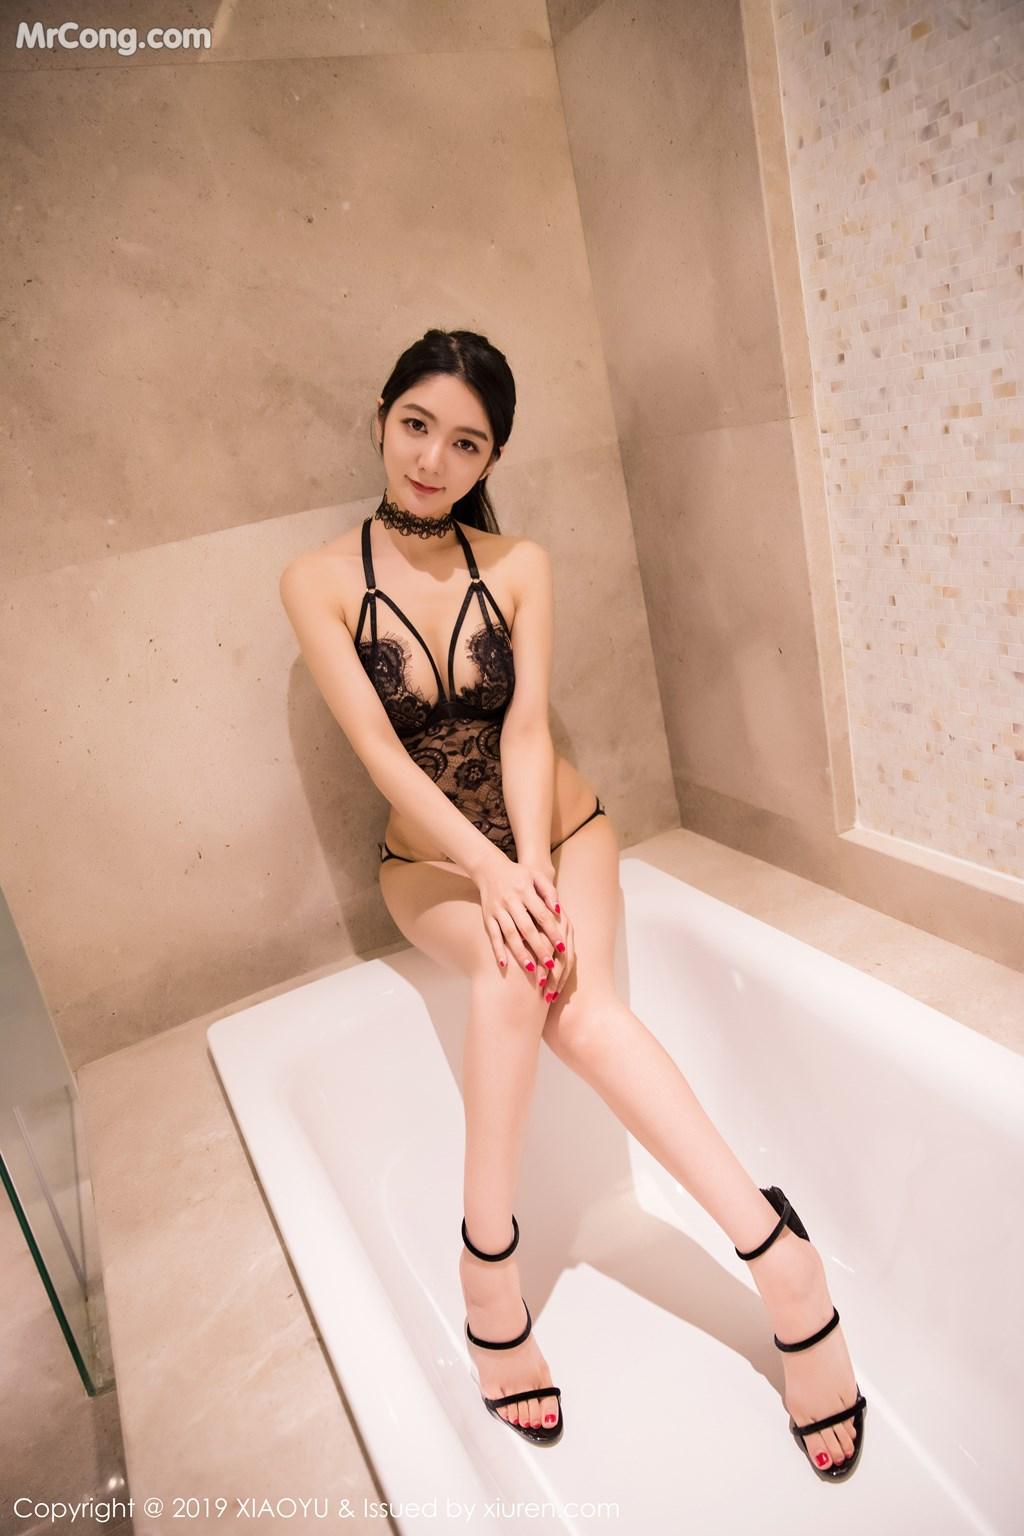 Image XiaoYu-Vol.041-Xiao-Reba-Angela-MrCong.com-033 in post XiaoYu Vol.041: Xiao Reba (Angela喜欢猫) (43 ảnh)